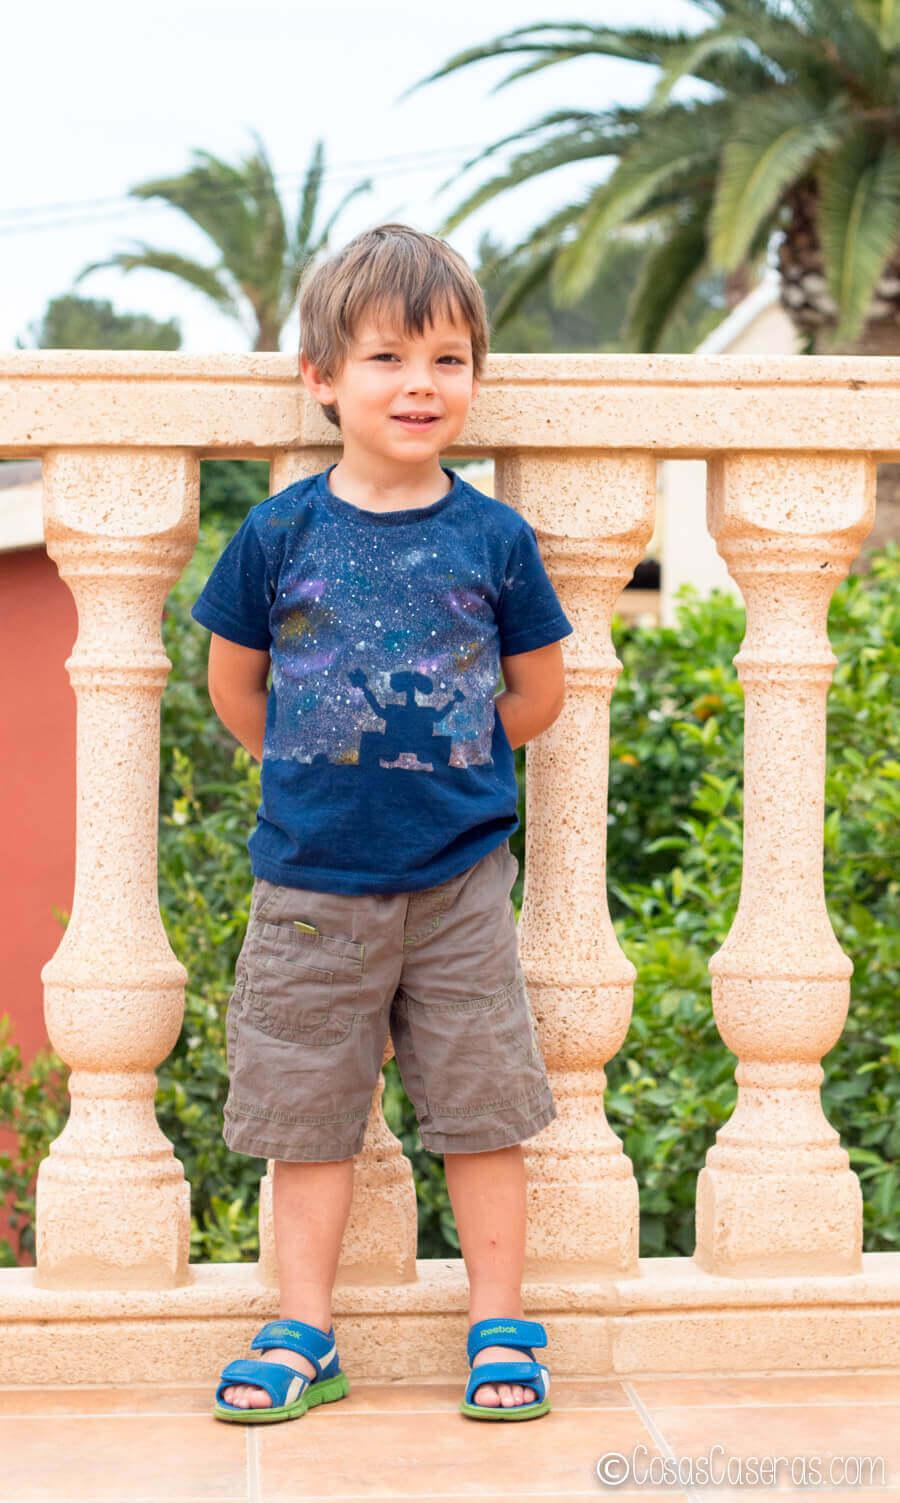 Niño con camiseta de Wall-E, hecha con lejía y pinturas, puesta